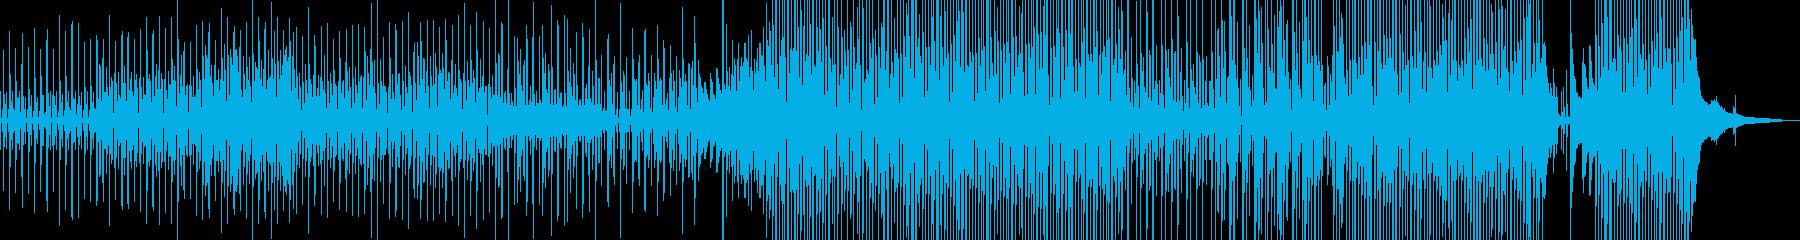 ウクレレ・後半賑やか 日常作品に C★の再生済みの波形